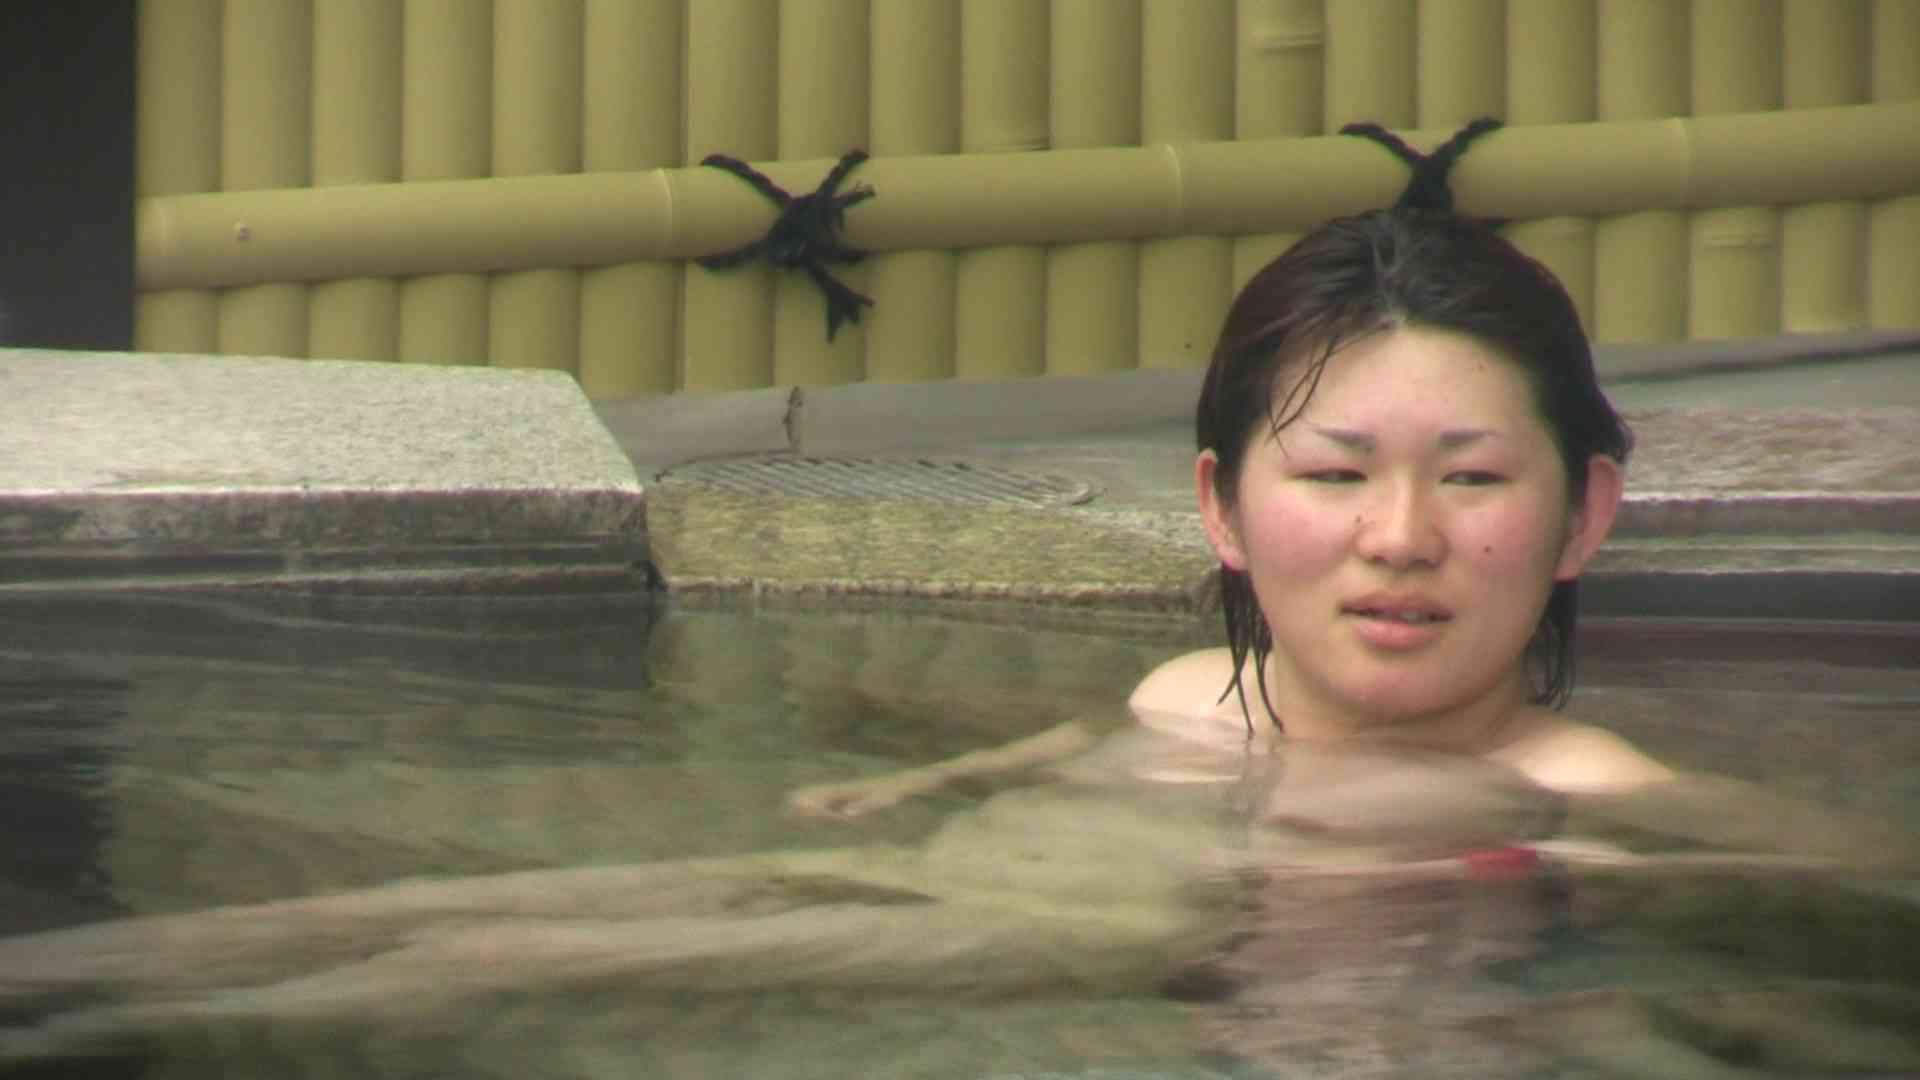 Aquaな露天風呂Vol.673 OLエロ画像 | 盗撮  104PICs 85